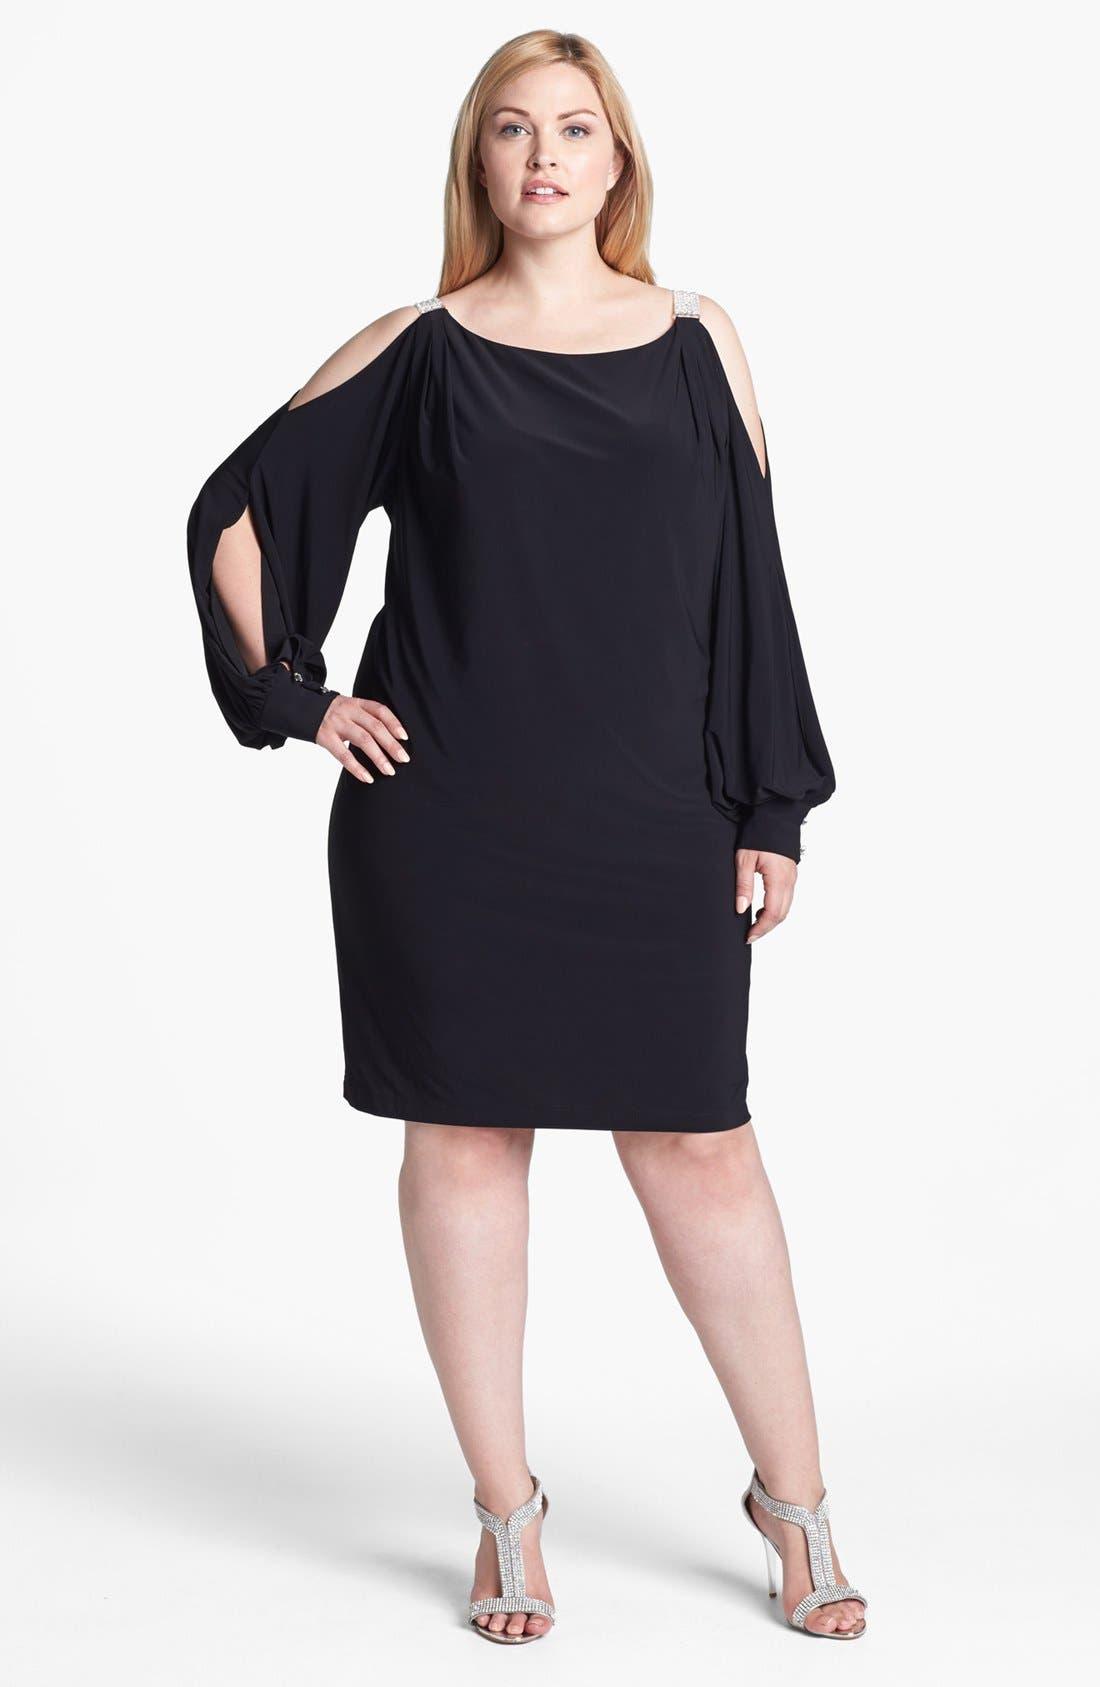 Alternate Image 1 Selected - Xscape Embellished Cold Shoulder Jersey Dress (Plus Size)